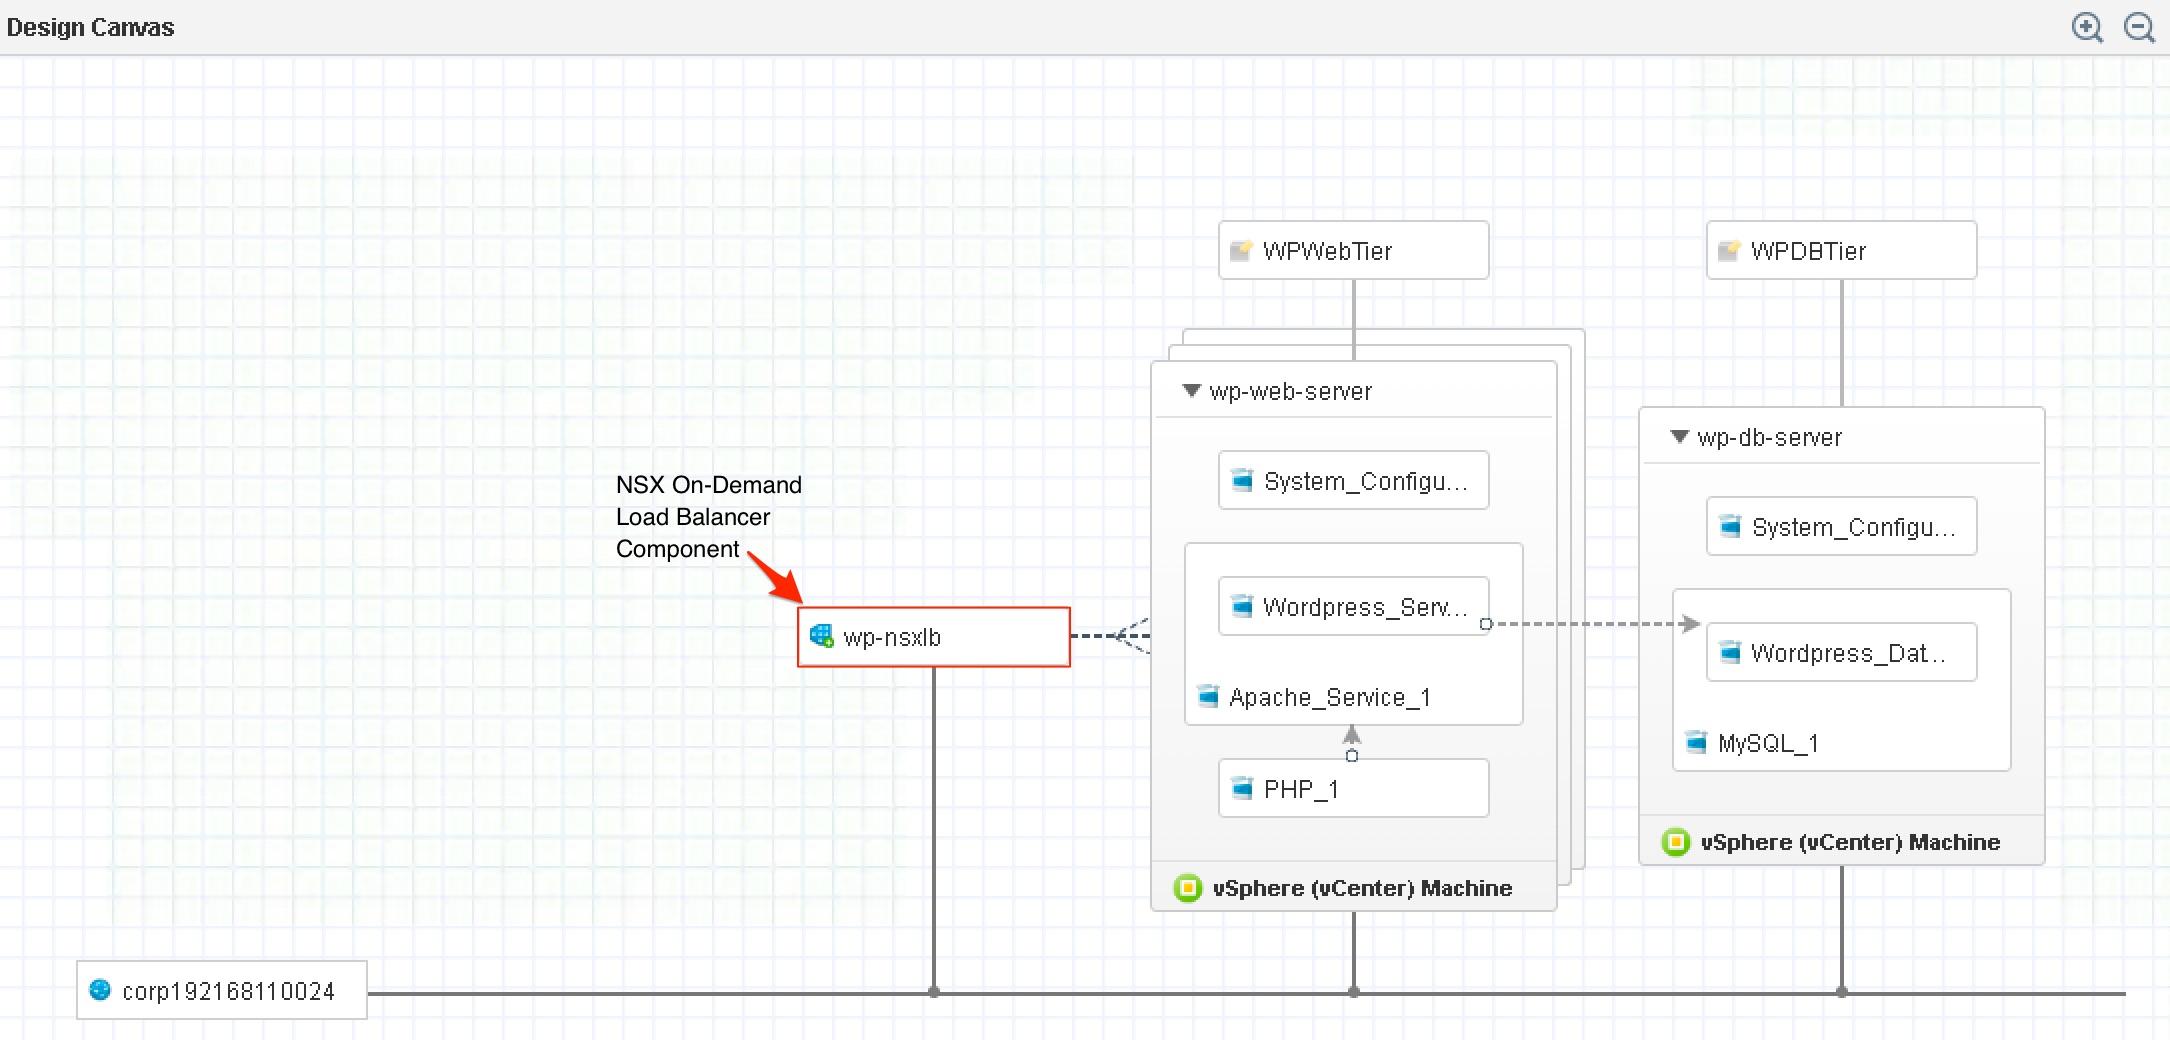 Mastering nsx load balancers using vrealize automation mbius defining nsx load balancers within a blueprint malvernweather Images